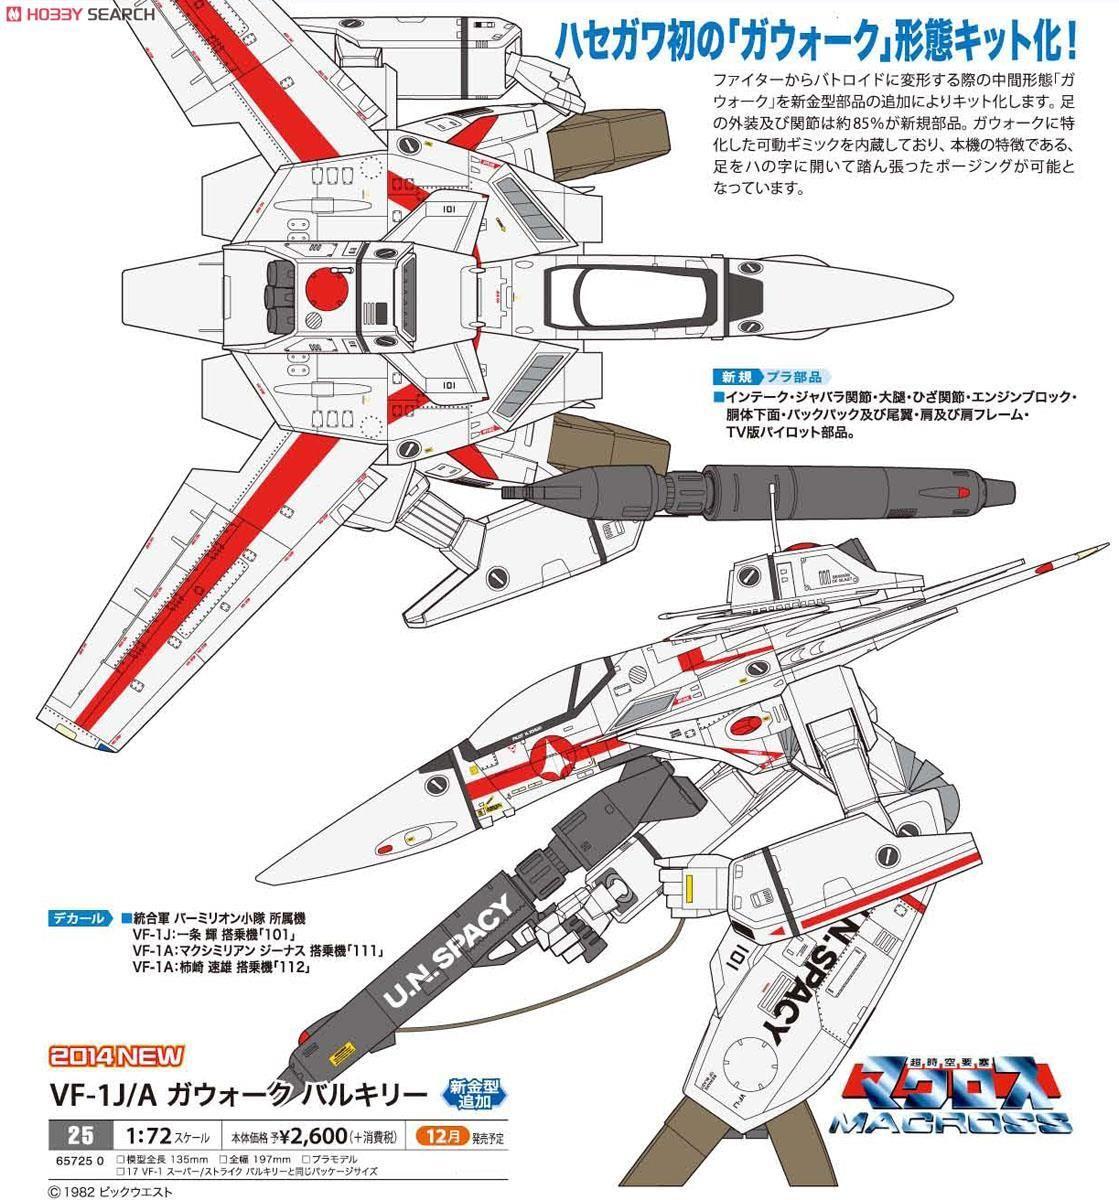 vf 1j a ガウォーク バルキリー プラモデル その他の画像1 マクロス プラモデル 騎兵 超時空要塞マクロス